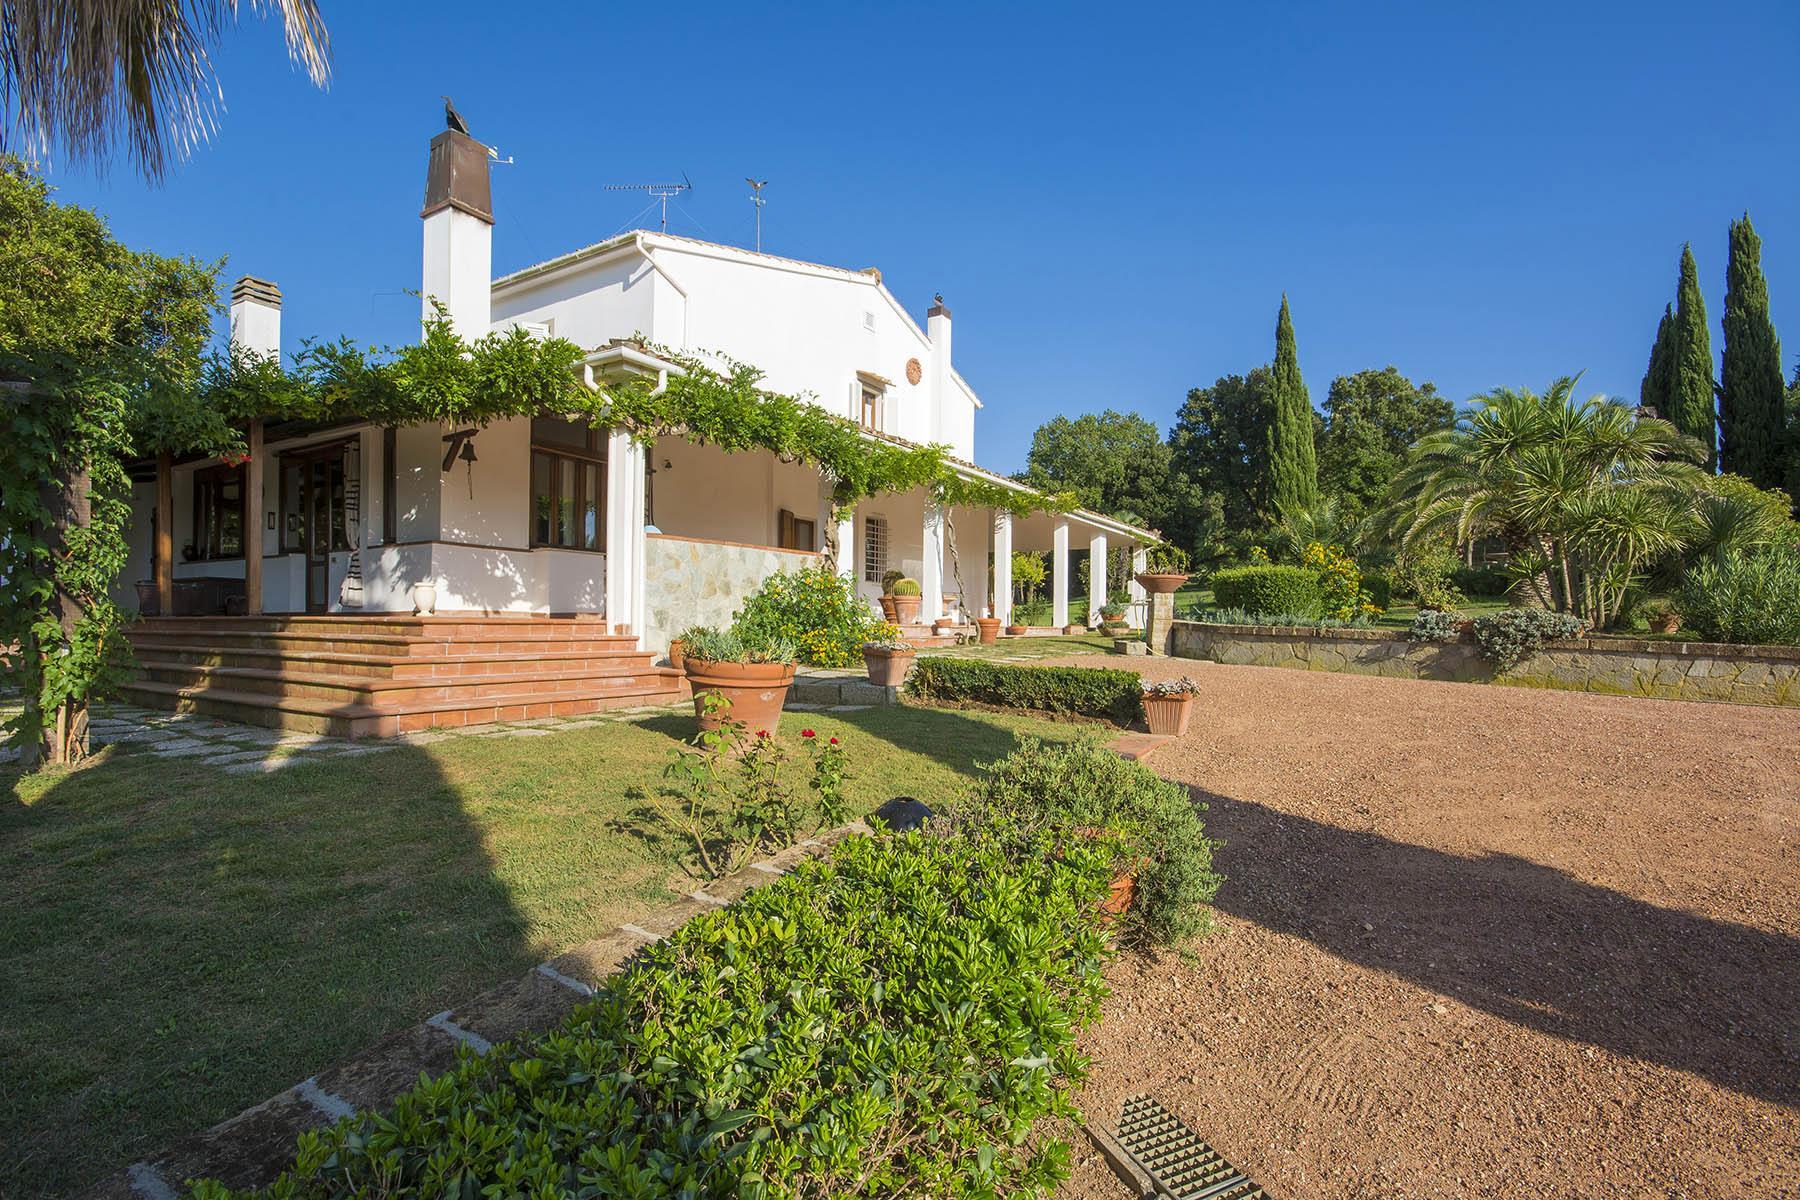 Villa in collina vista mare, nei pressi di Castiglioncello - 21